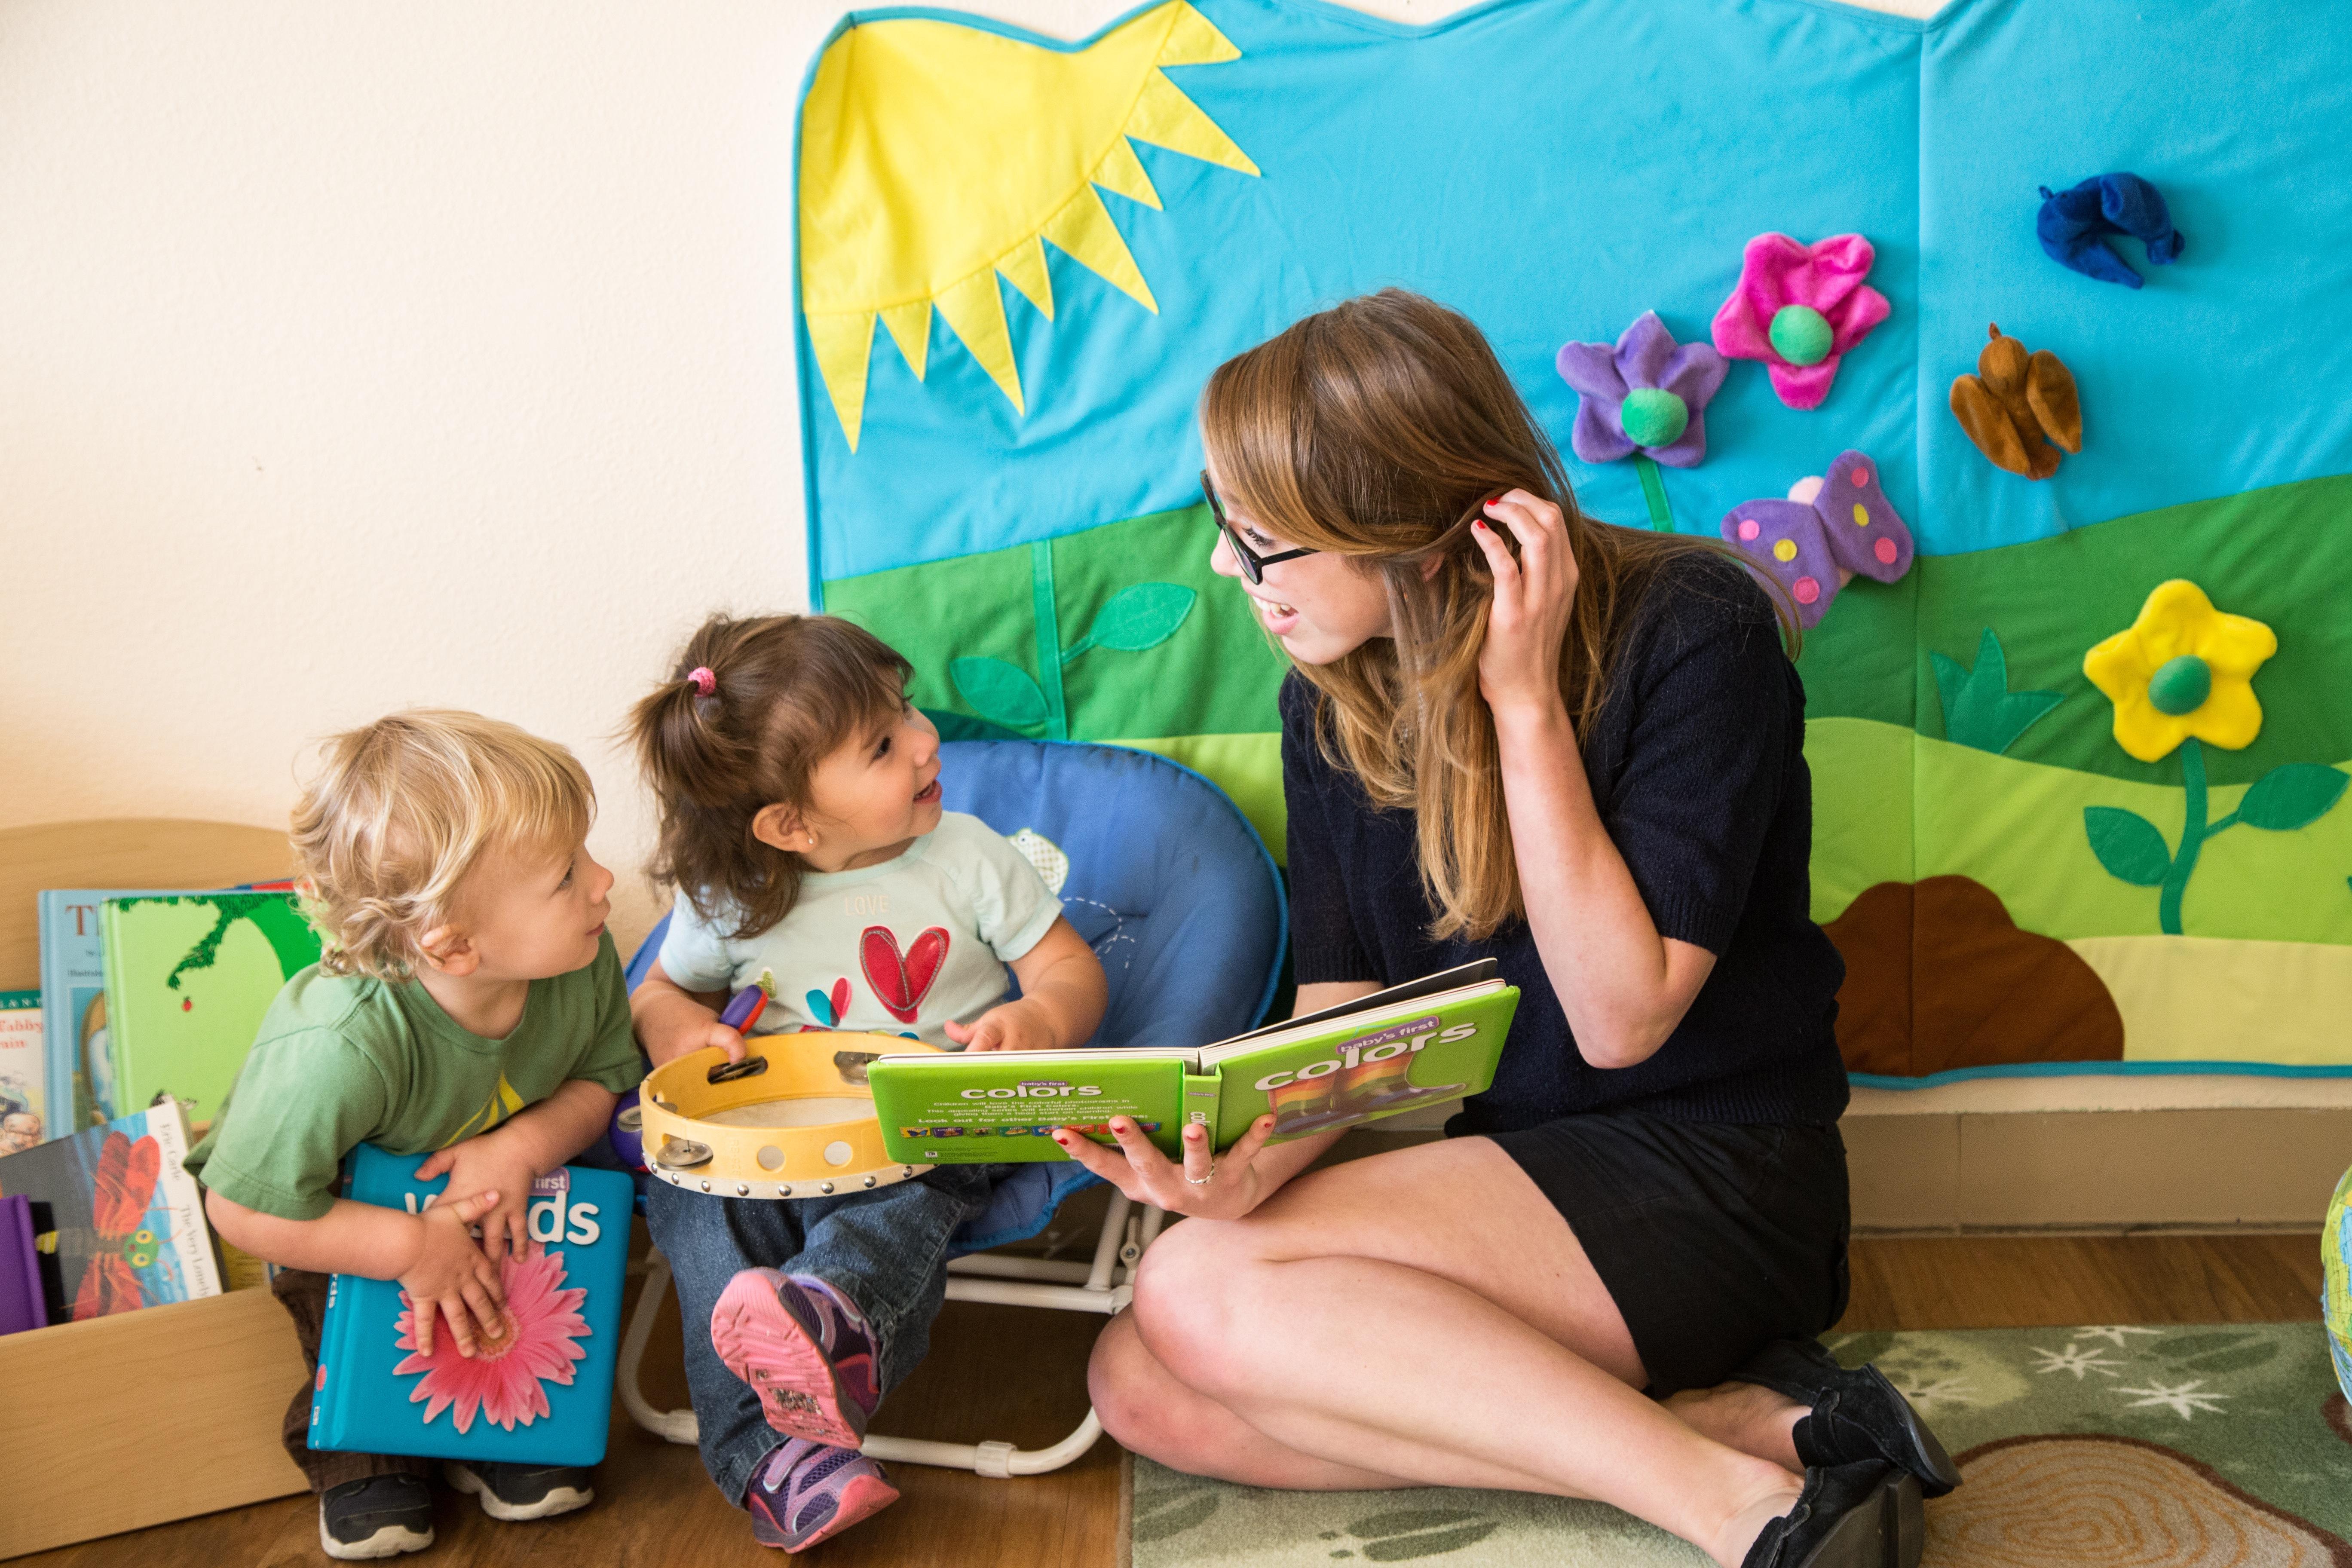 7 Secrets of Preschool Teachers - ArmenianSitters